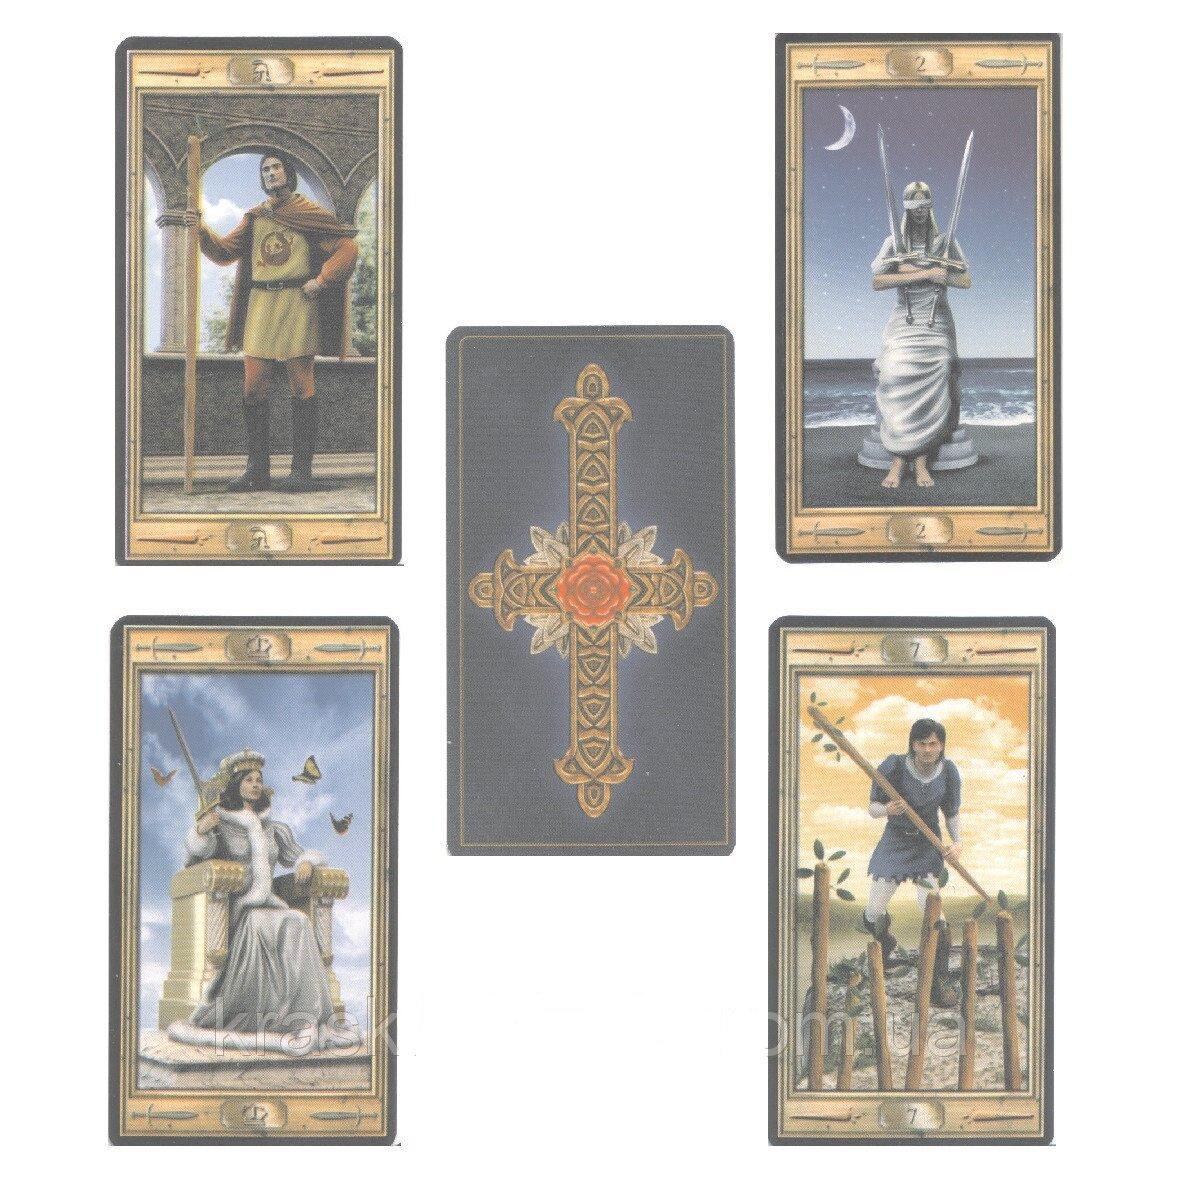 Таро универсальный ключ: галерея, значение карт, структура колоды